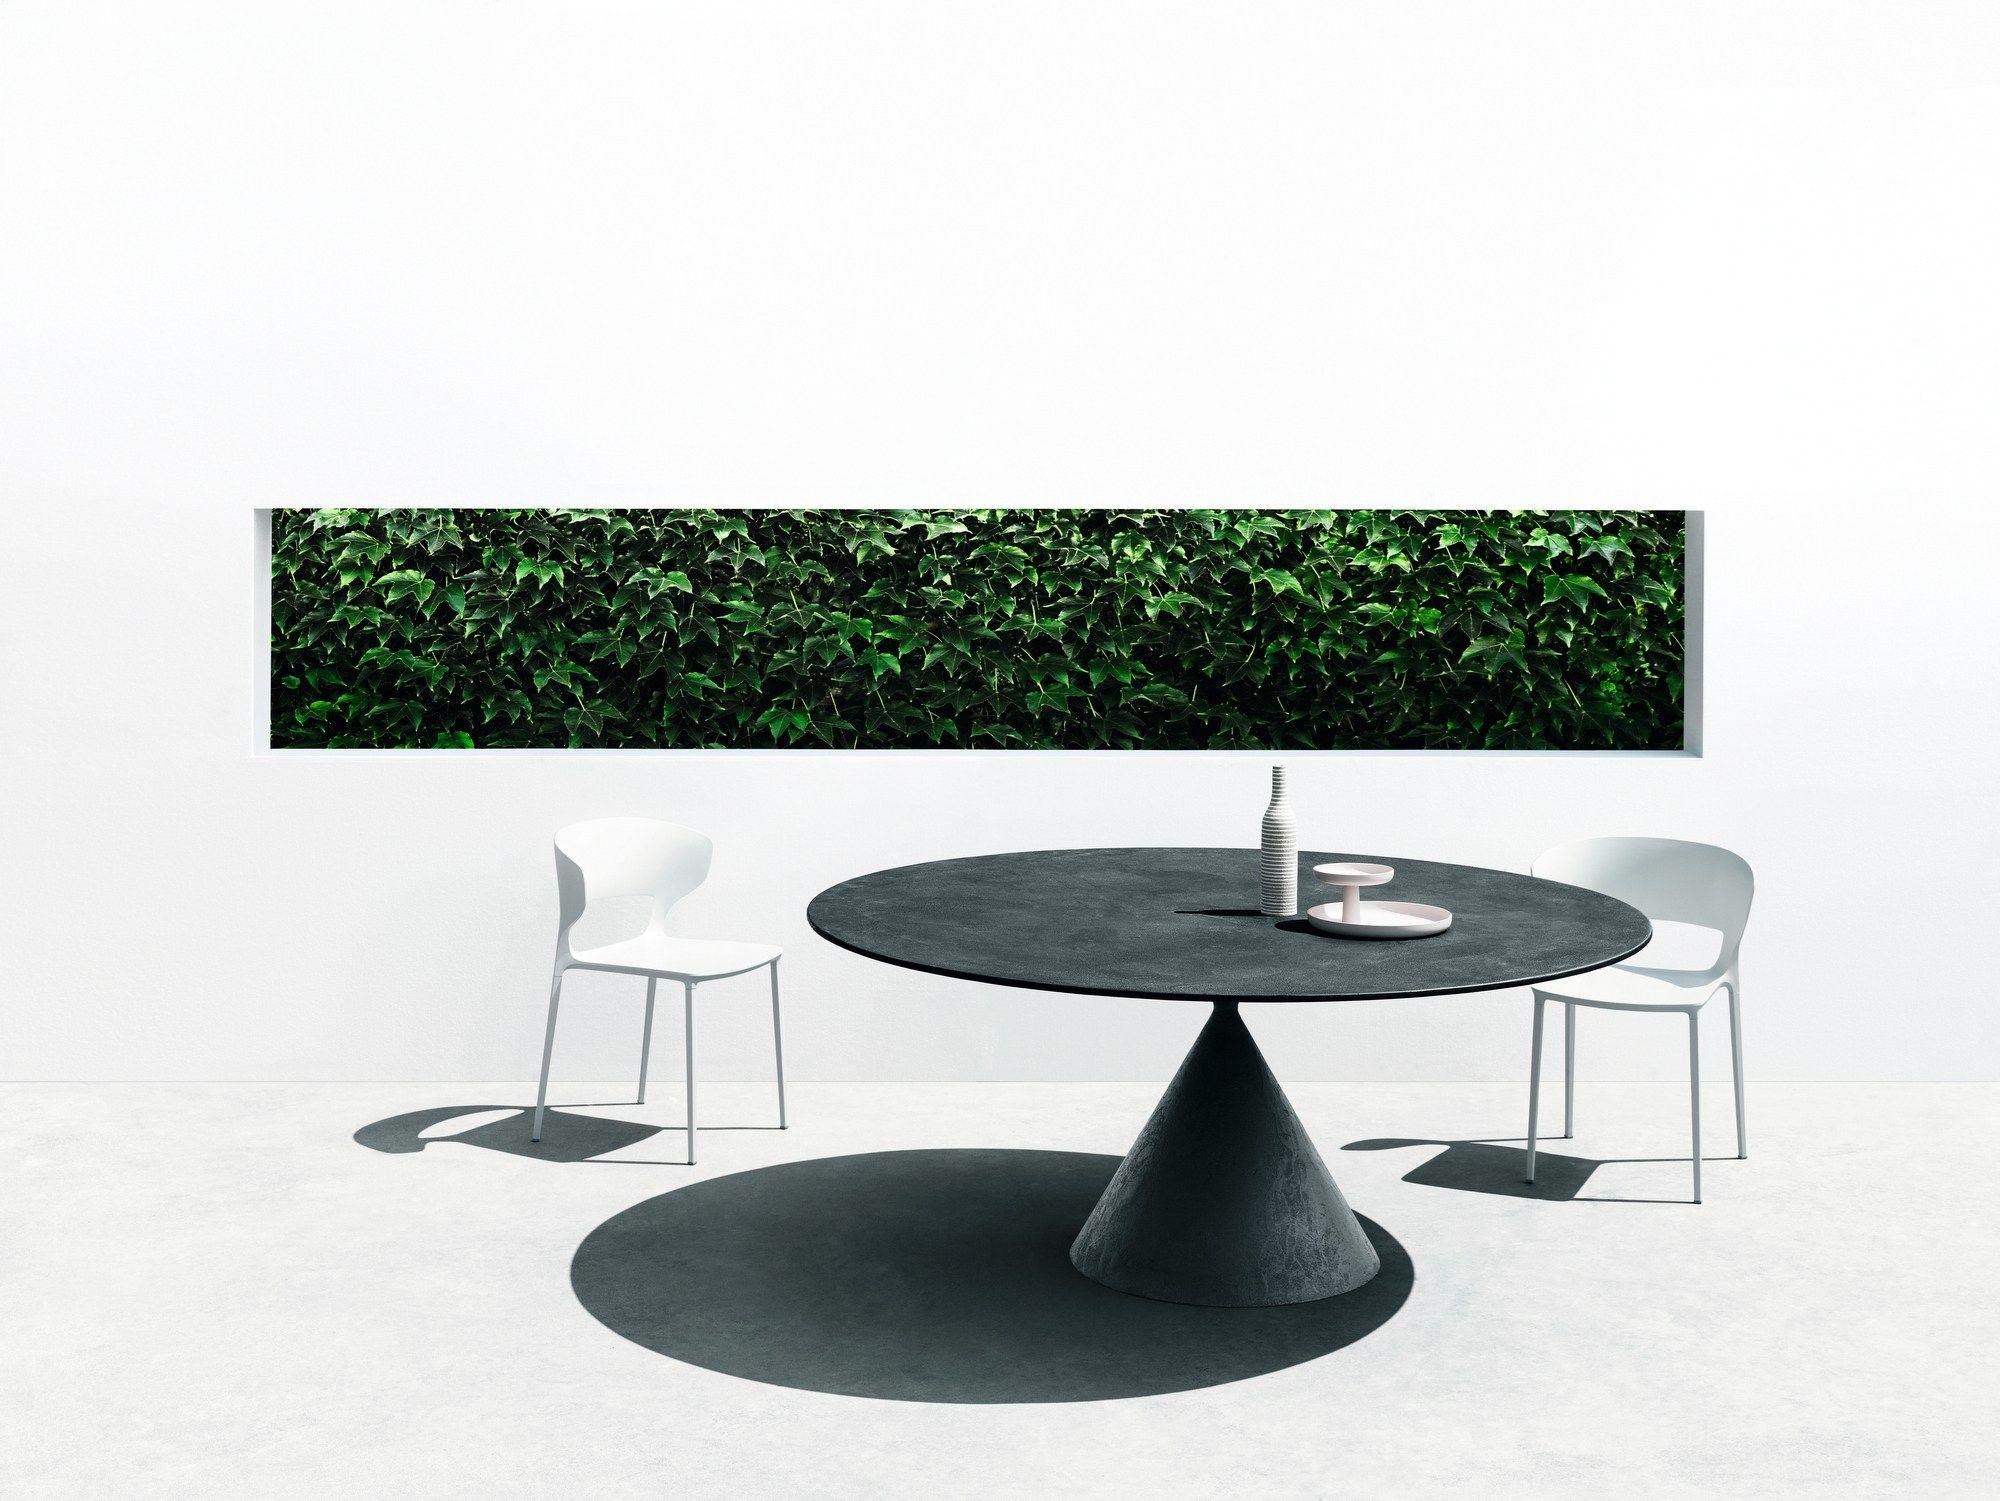 CLAY Tavolo in pietra by Desalto design Marc Krusin